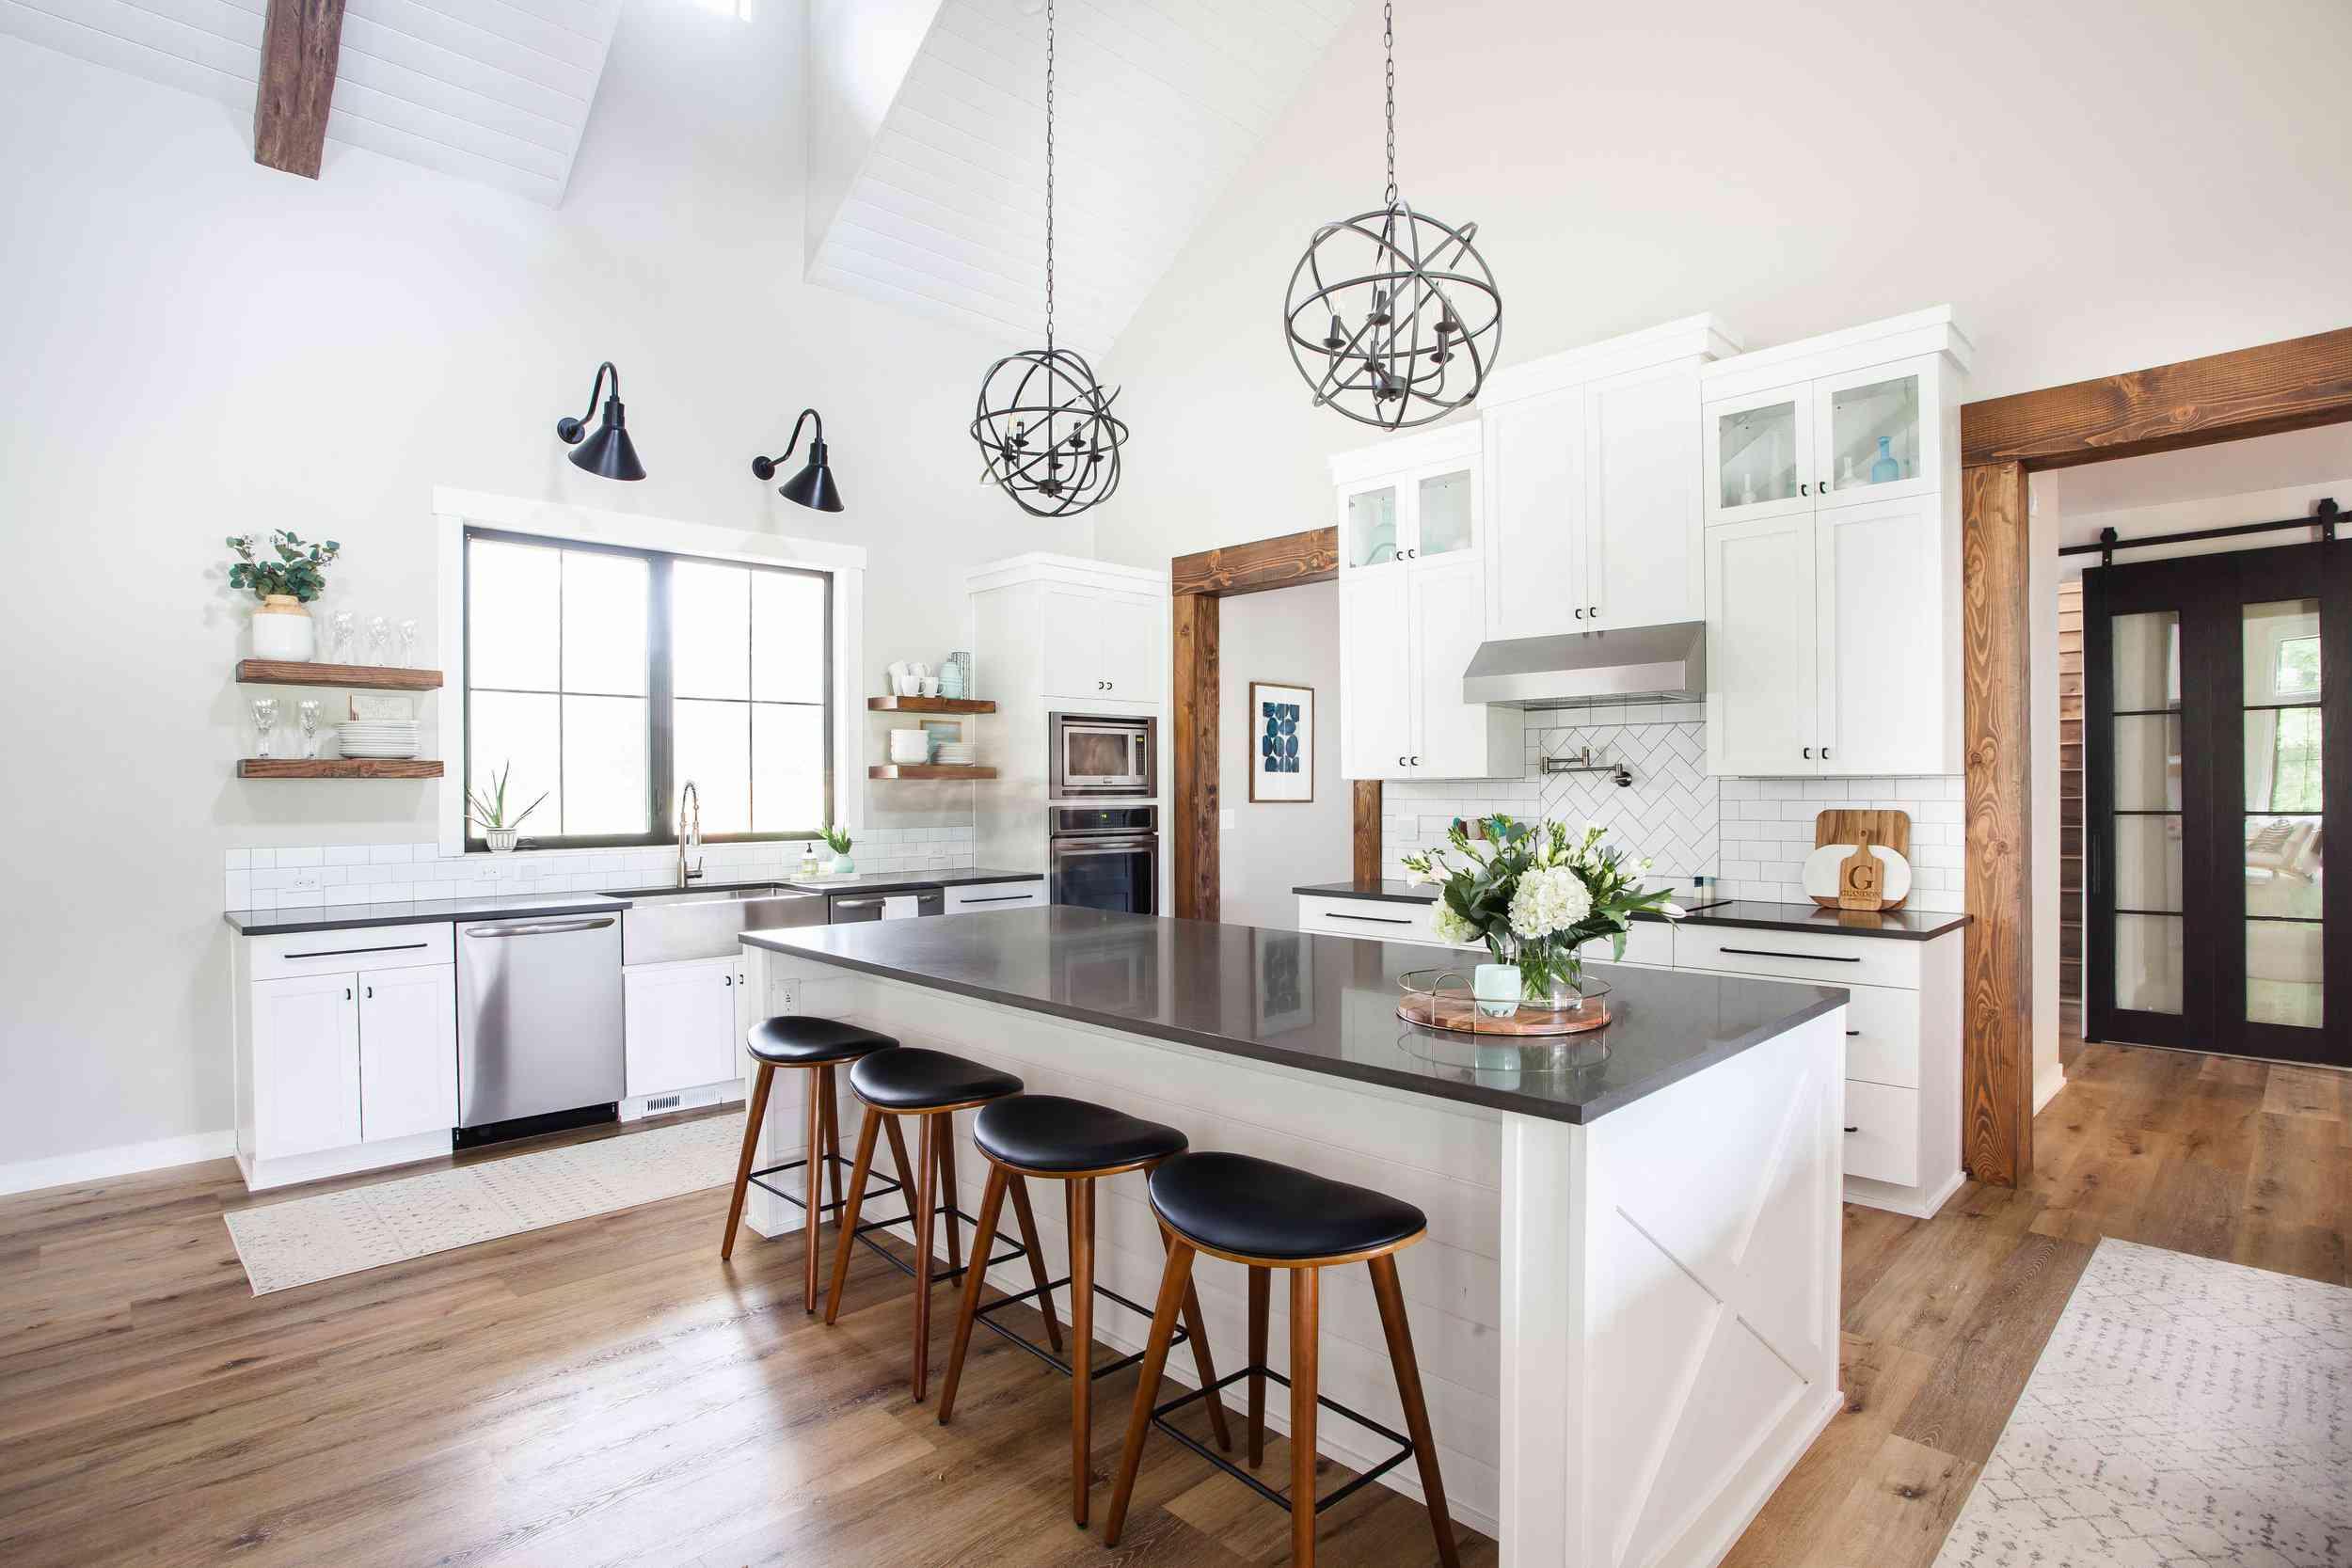 KG designs modern farmhouse